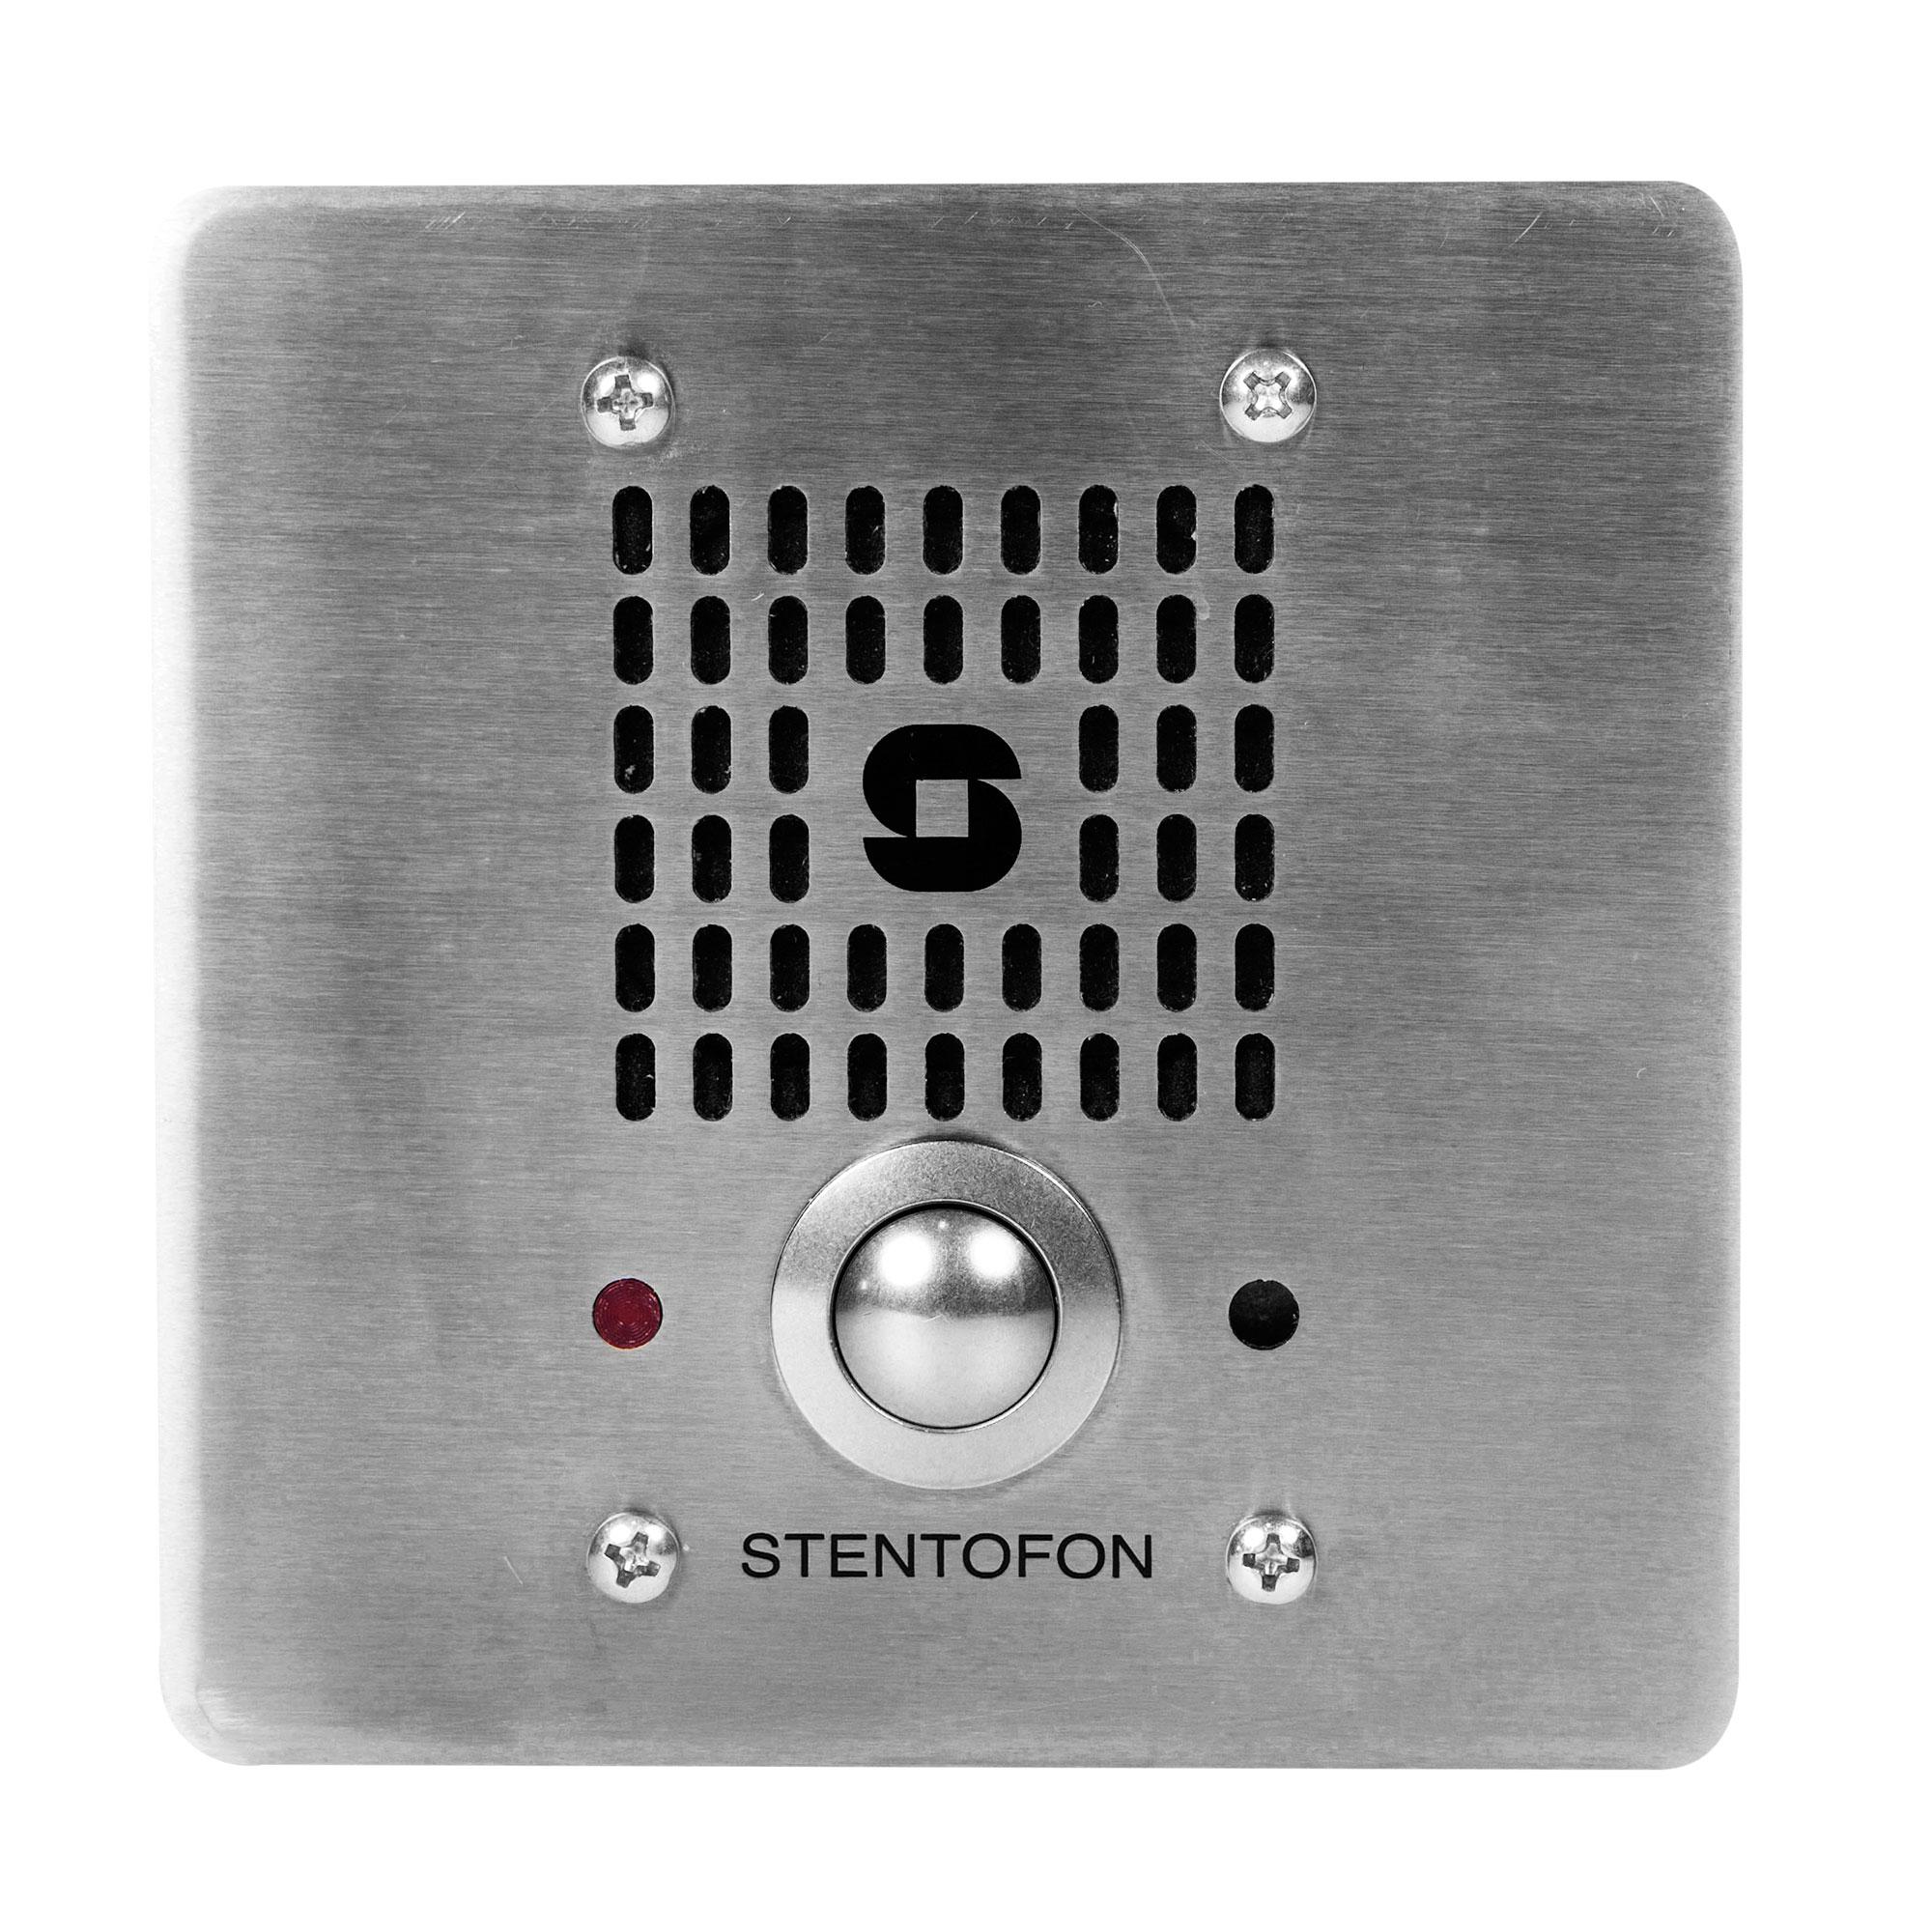 tmis 2 zenitel rh zenitel com Stentofon Pricing Stentofon DefaultPassword